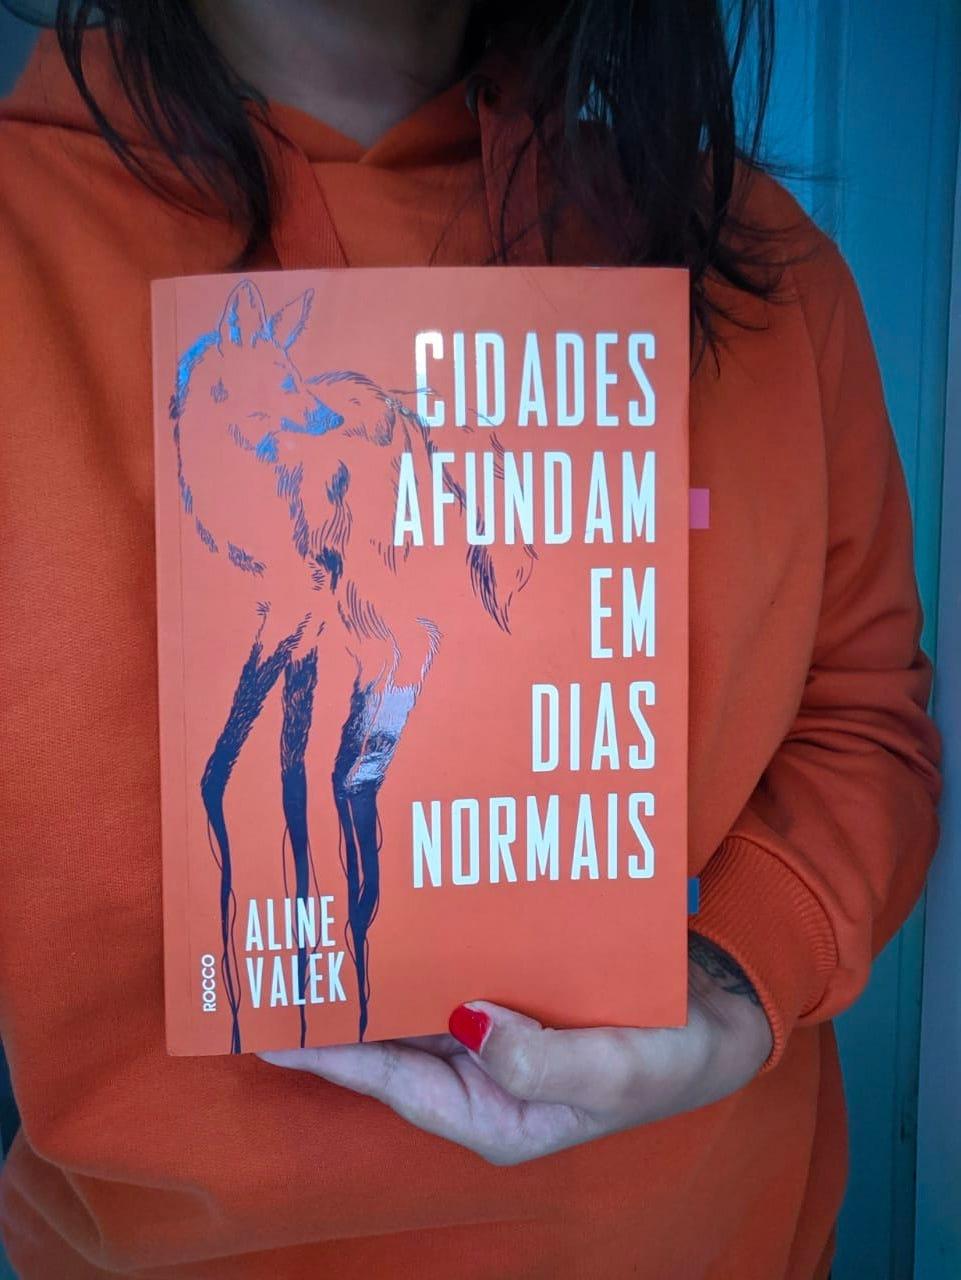 fotografia de uma leitora segurando o livro Cidades afundam em dias normais, usando um moletom laranja, cor de telha, no mesmo tom da cor da capa com a ilustração reluzente de um lobo-guará